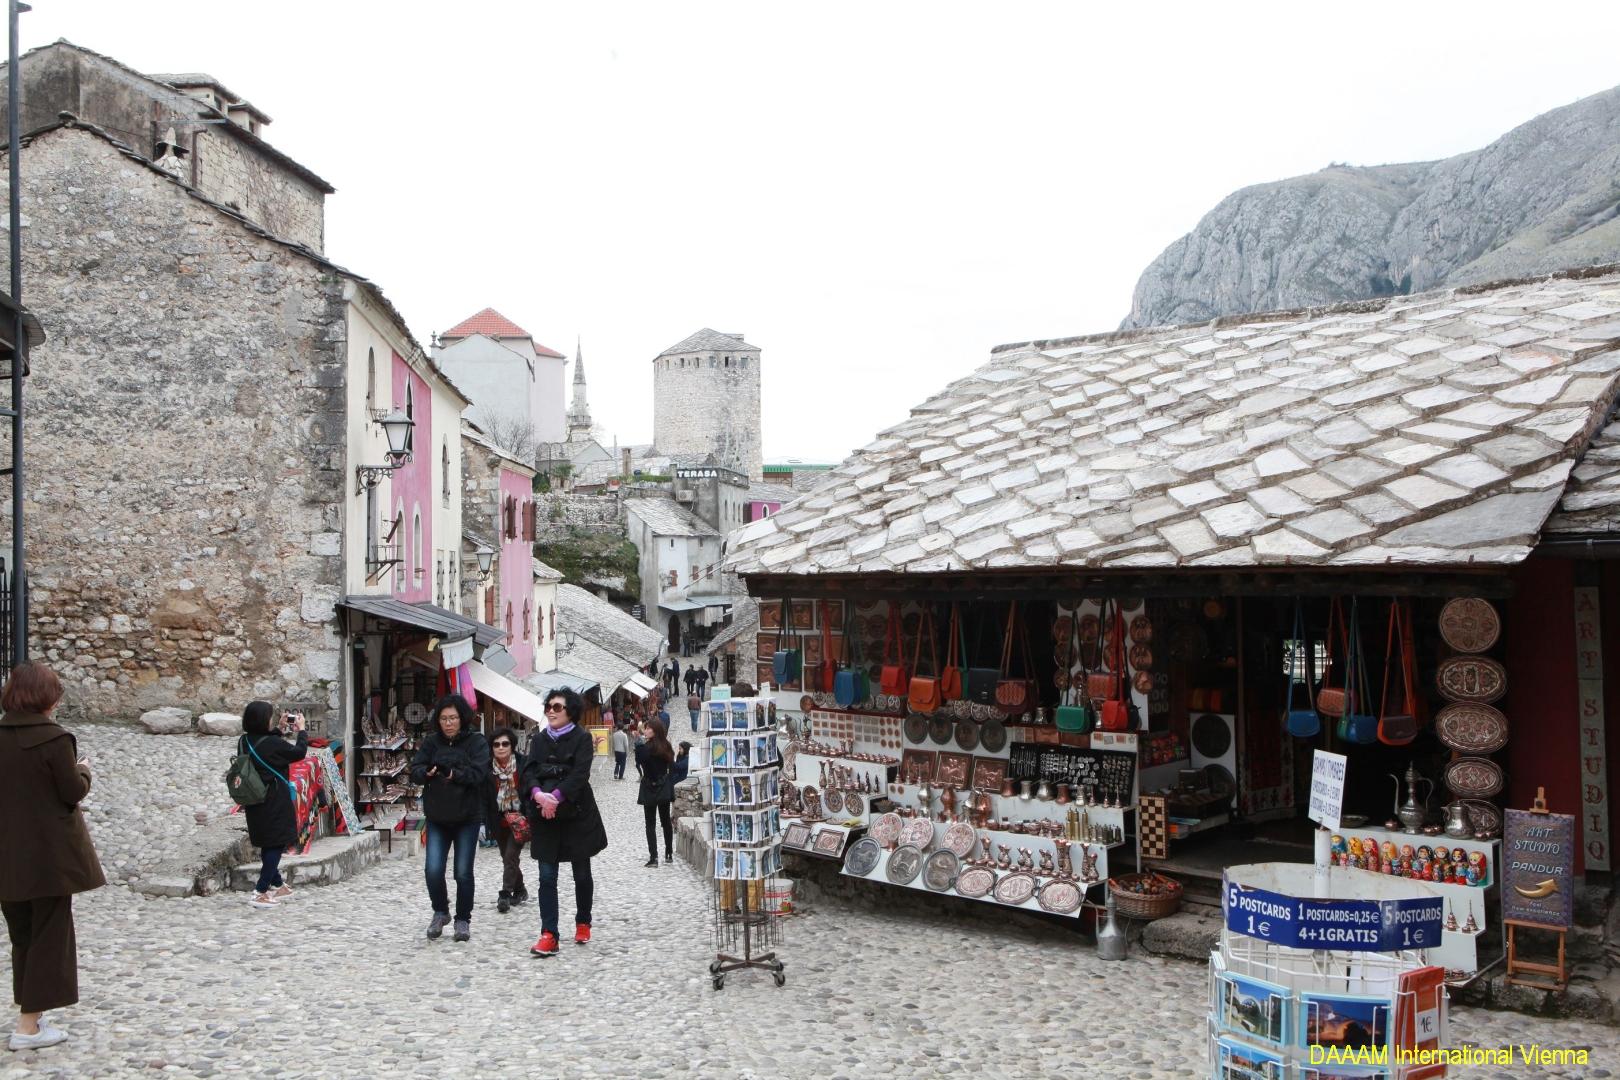 DAAAM_2016_Mostar_01_Magic_City_of_Mostar_104